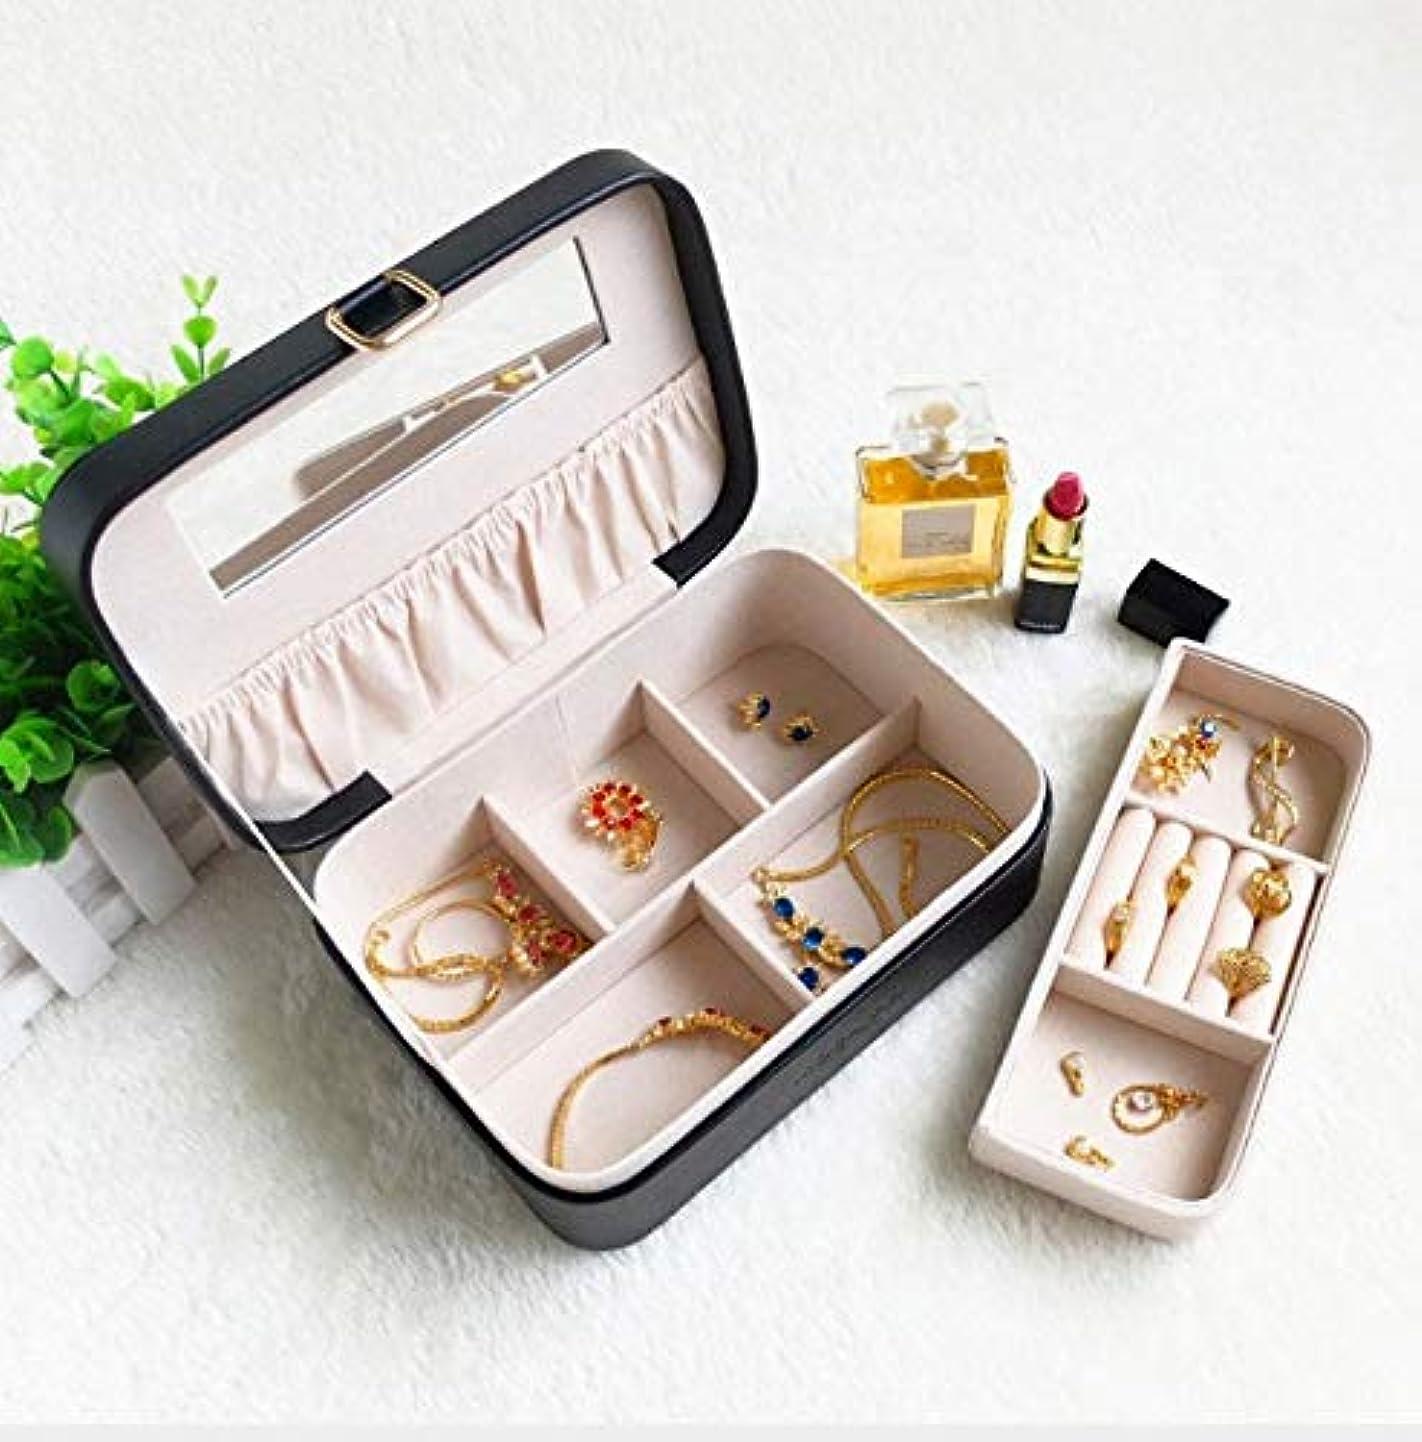 遺産ウェーハ葉を集める化粧箱、レトロ化粧品防水ミラー化粧ケース、ポータブルトラベル化粧品バッグ収納袋、美容ジュエリー収納ボックス (Color : ブラック)